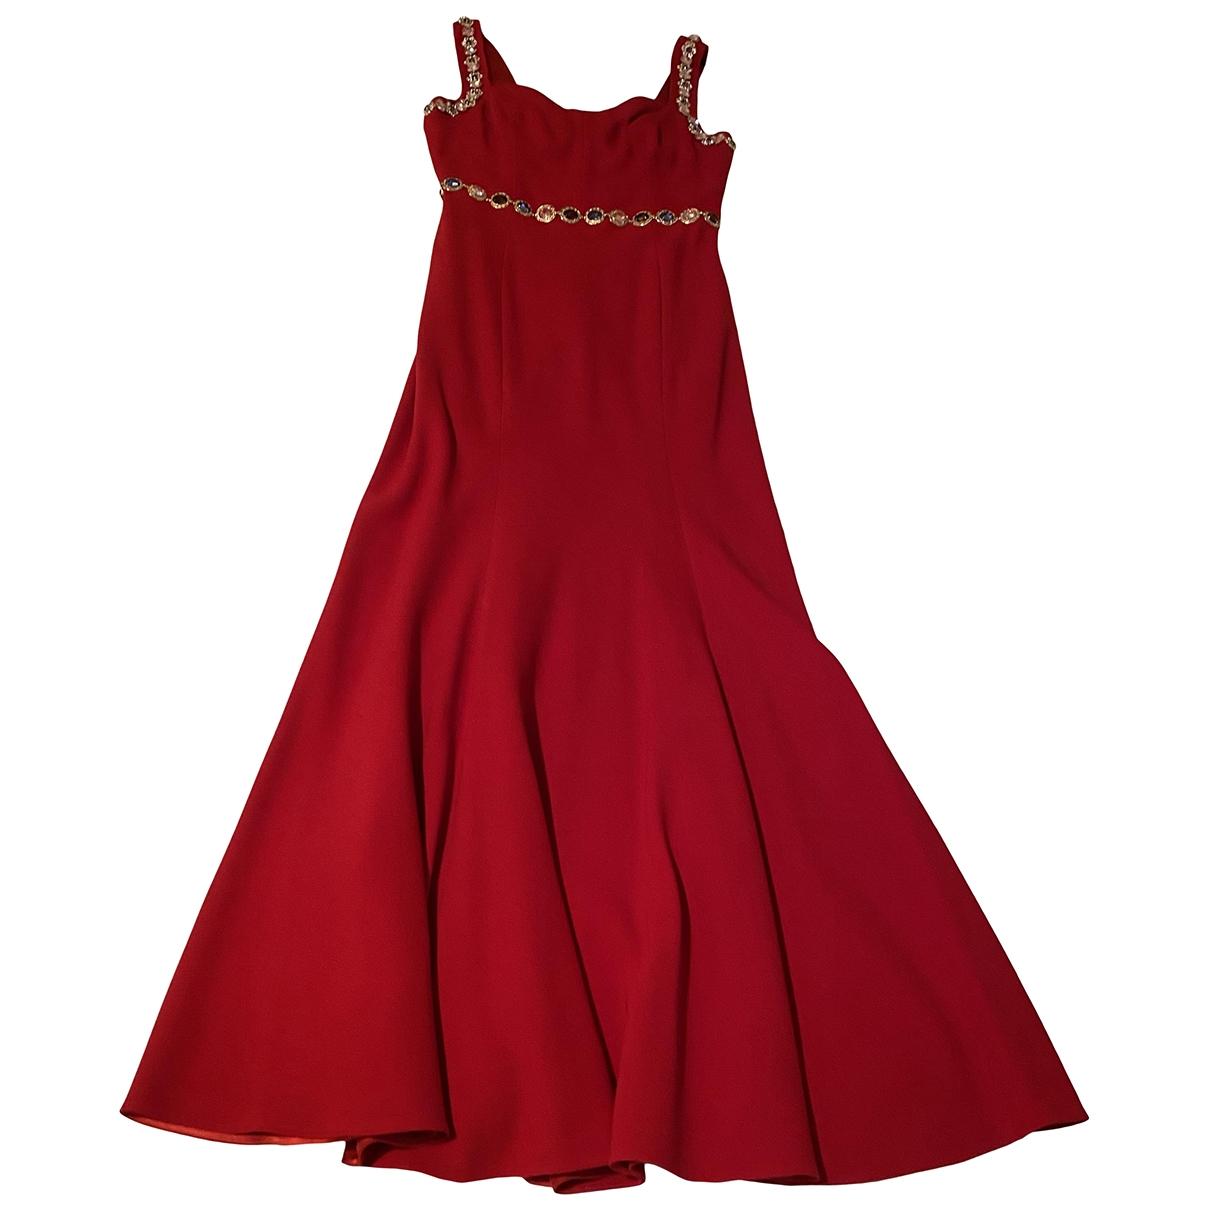 Dolce & Gabbana \N Red dress for Women 46 IT